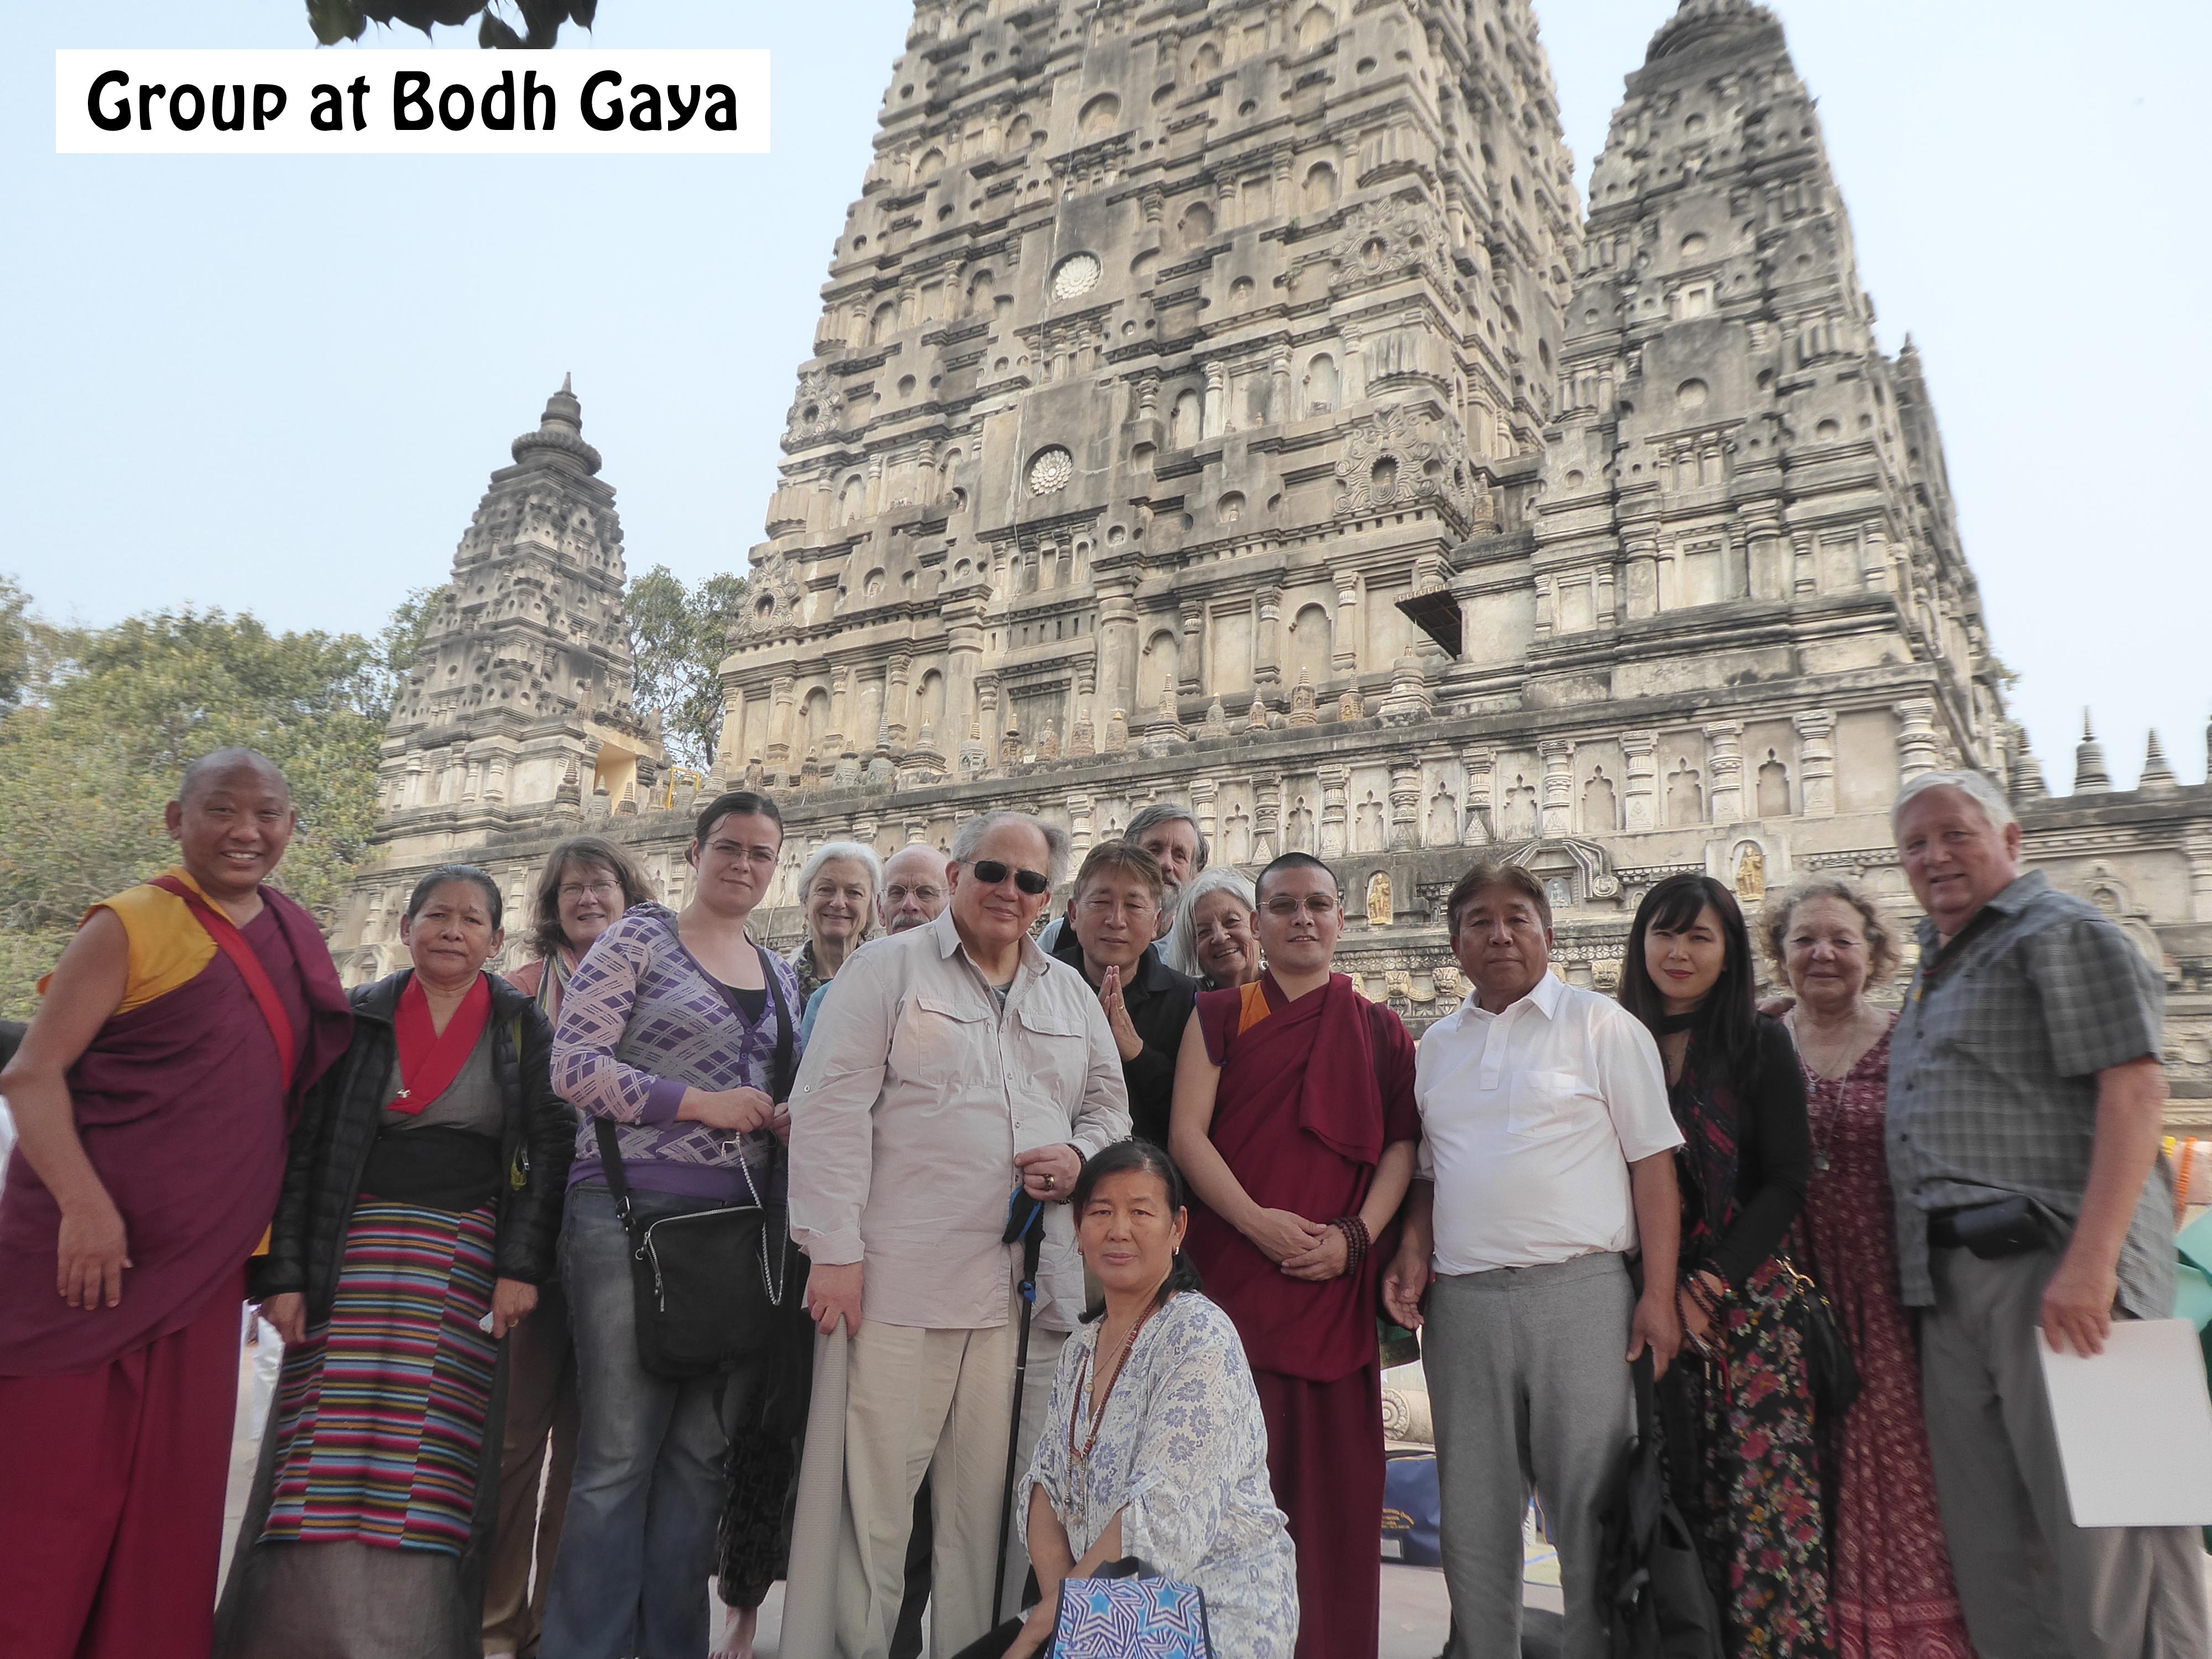 Group photo at Bodh Gaya